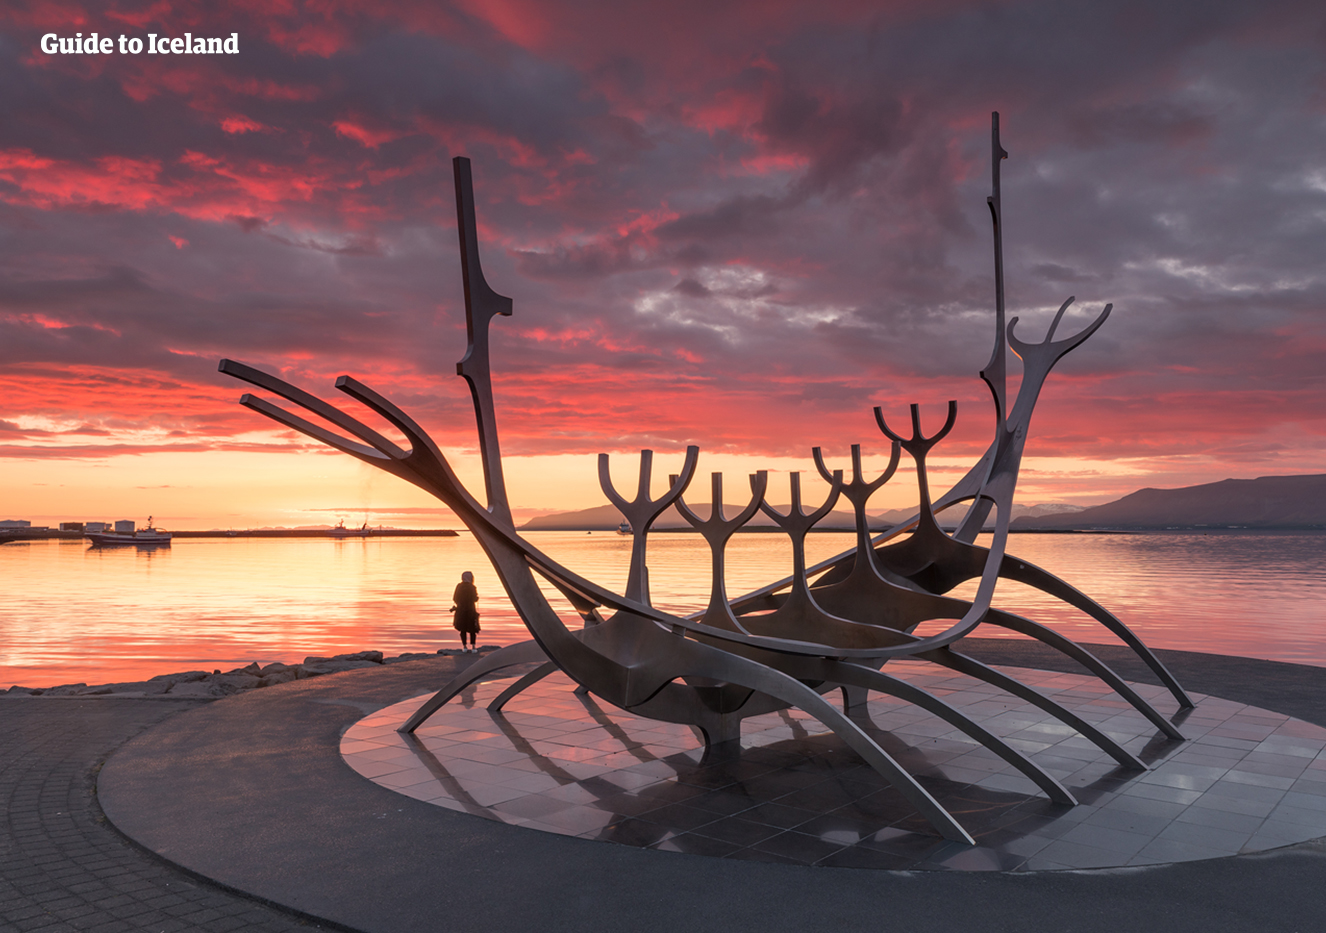 9-dniowa, samodzielna wycieczka organizowana latem po całej obwodnicy Islandii ze szczególnym uwzględnieniem południowego wybrzeża - day 9